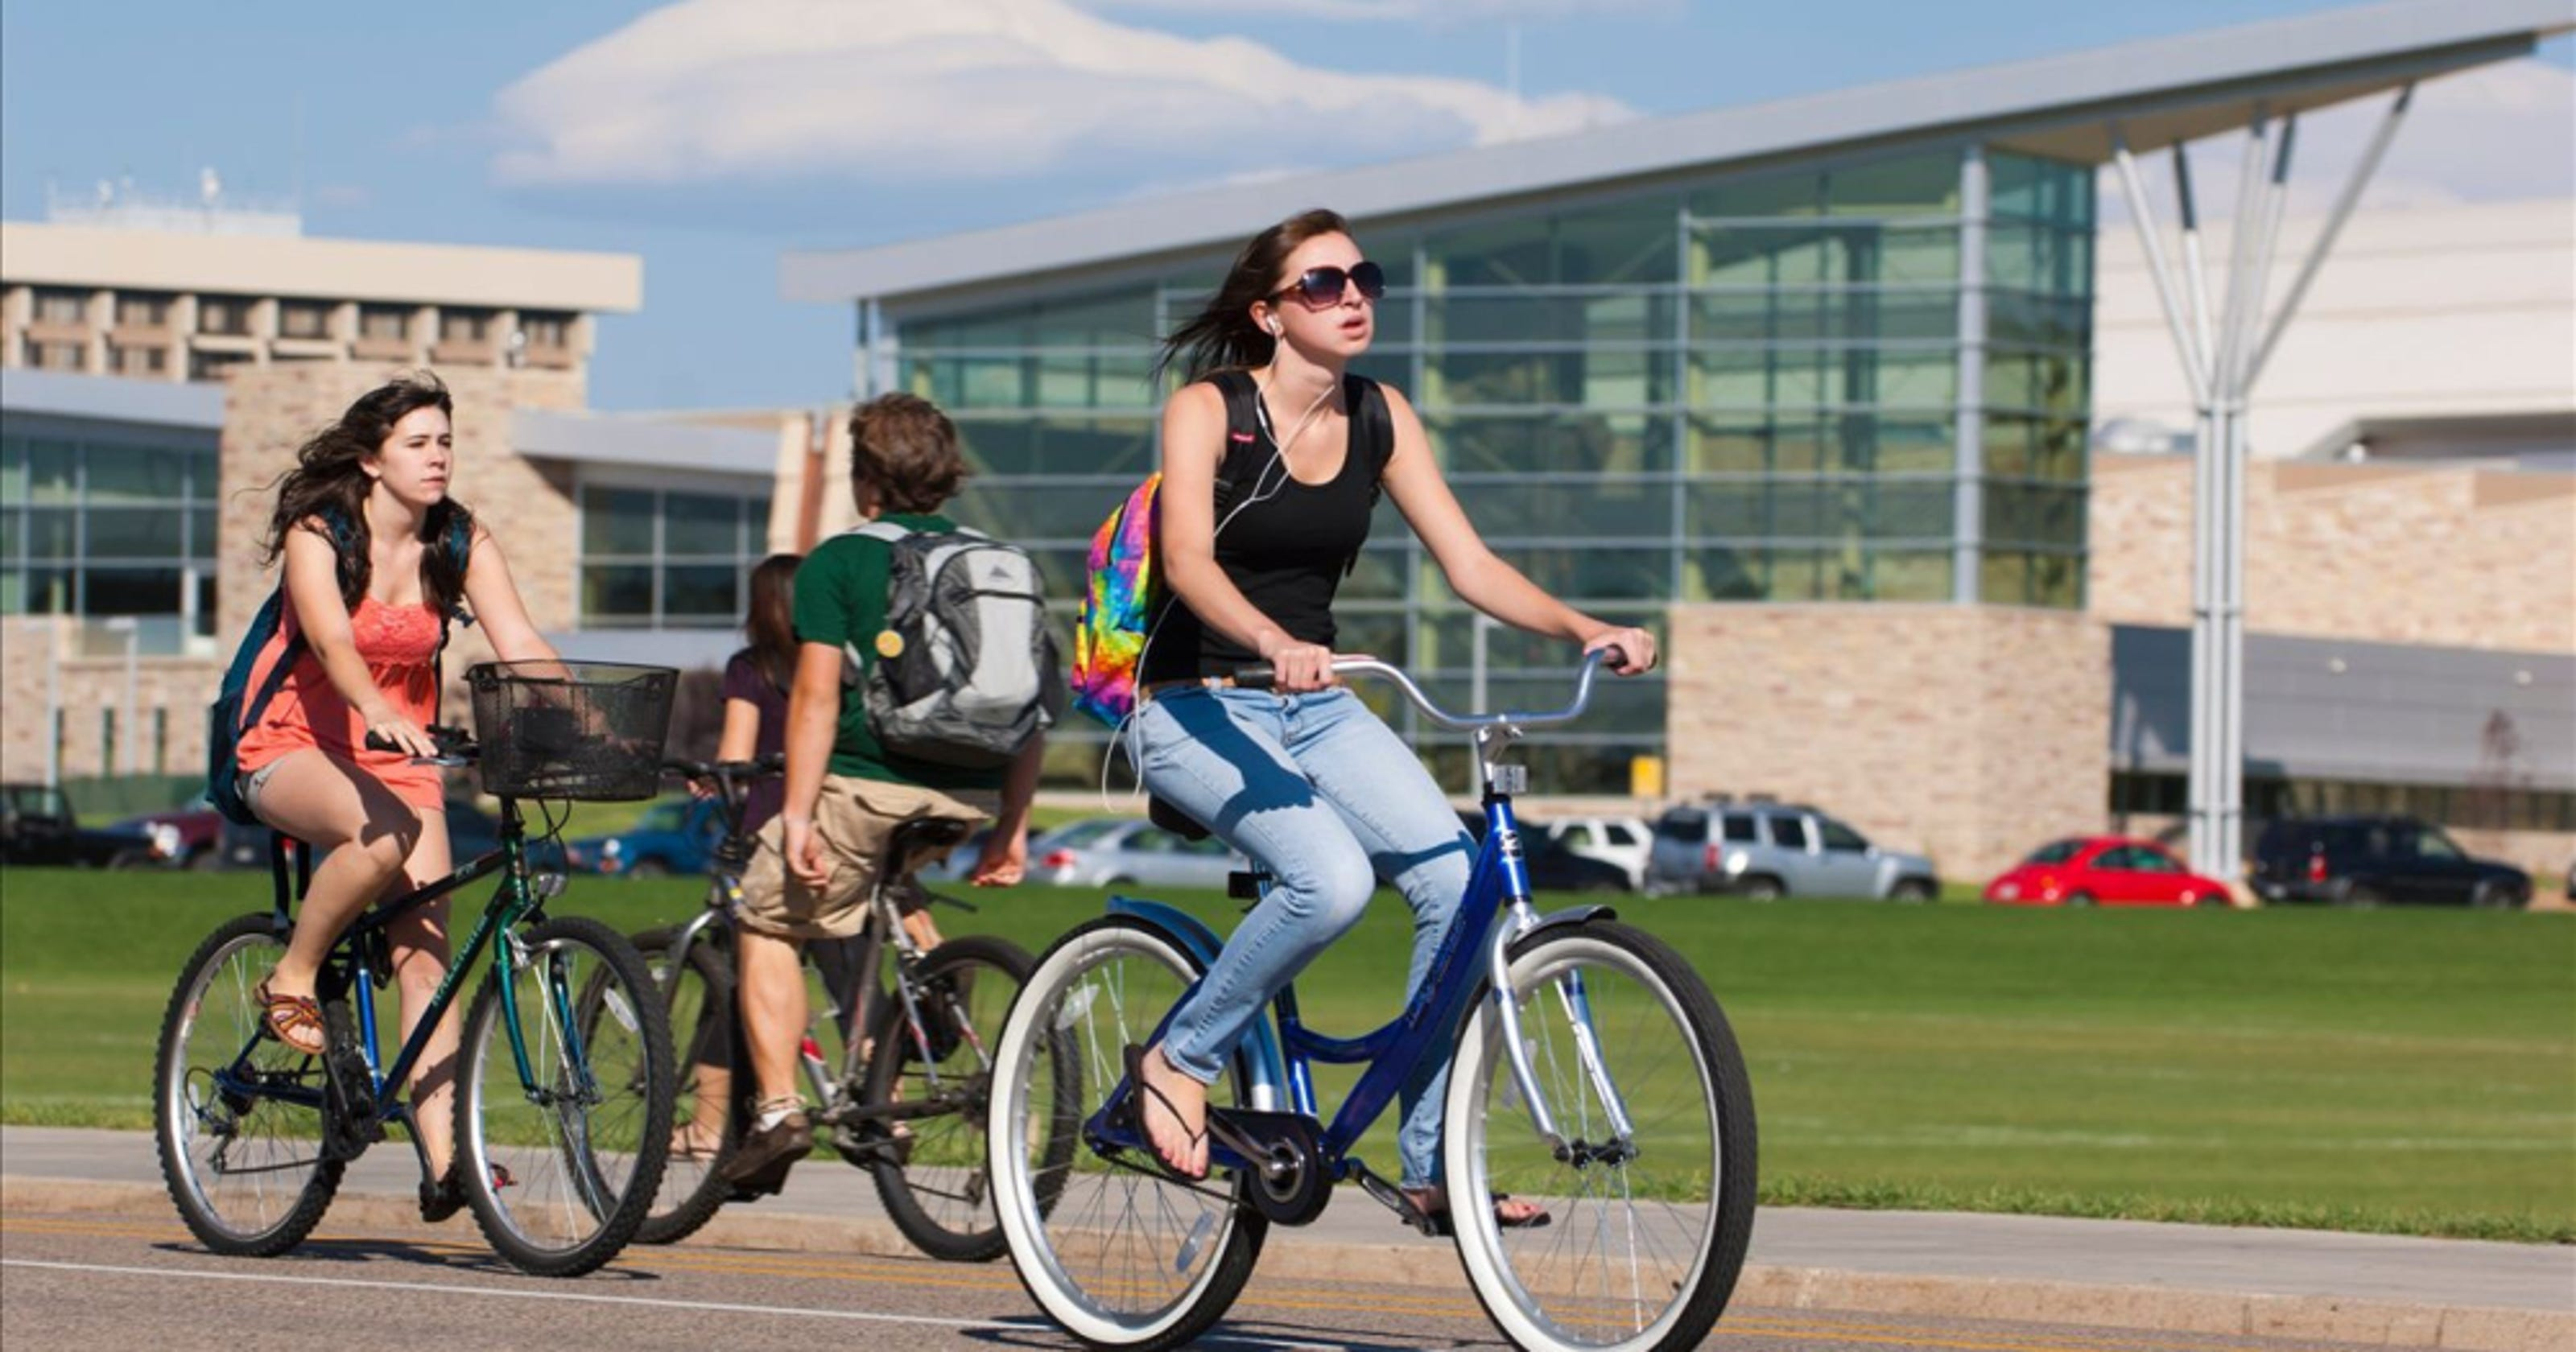 Kết quả hình ảnh cho students cycling